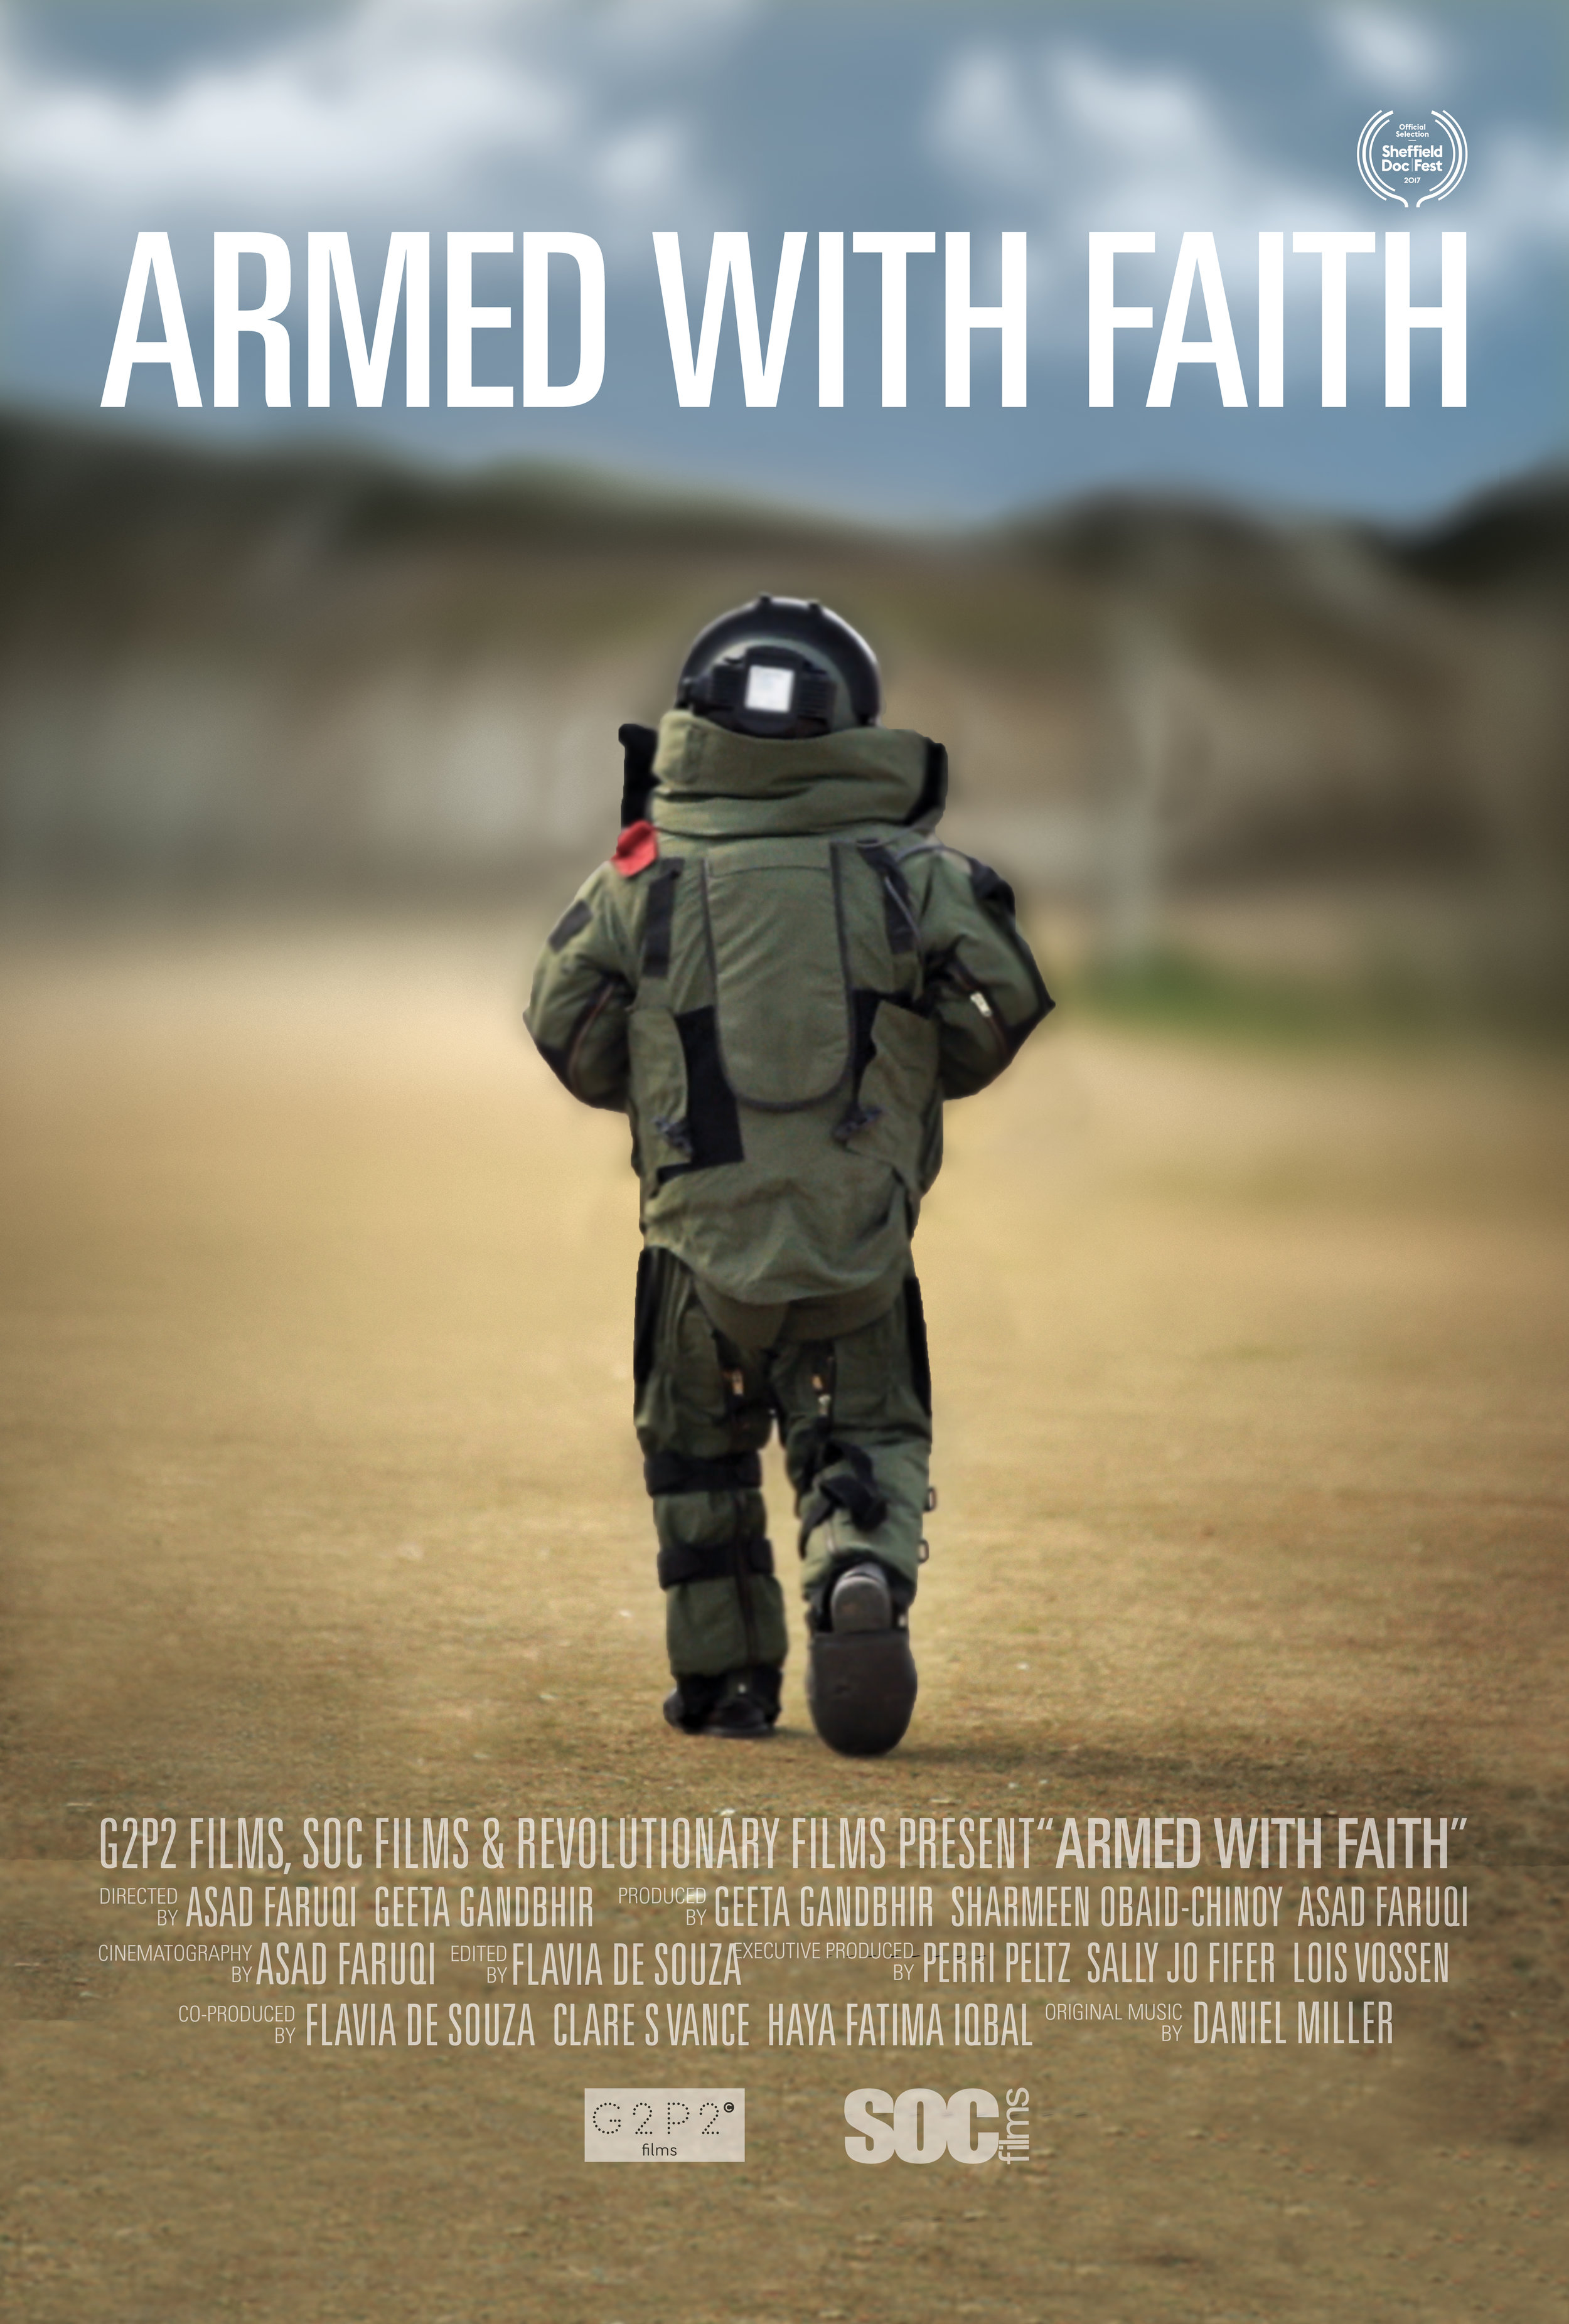 AWF_Armed_with_Faith_Poster.jpg